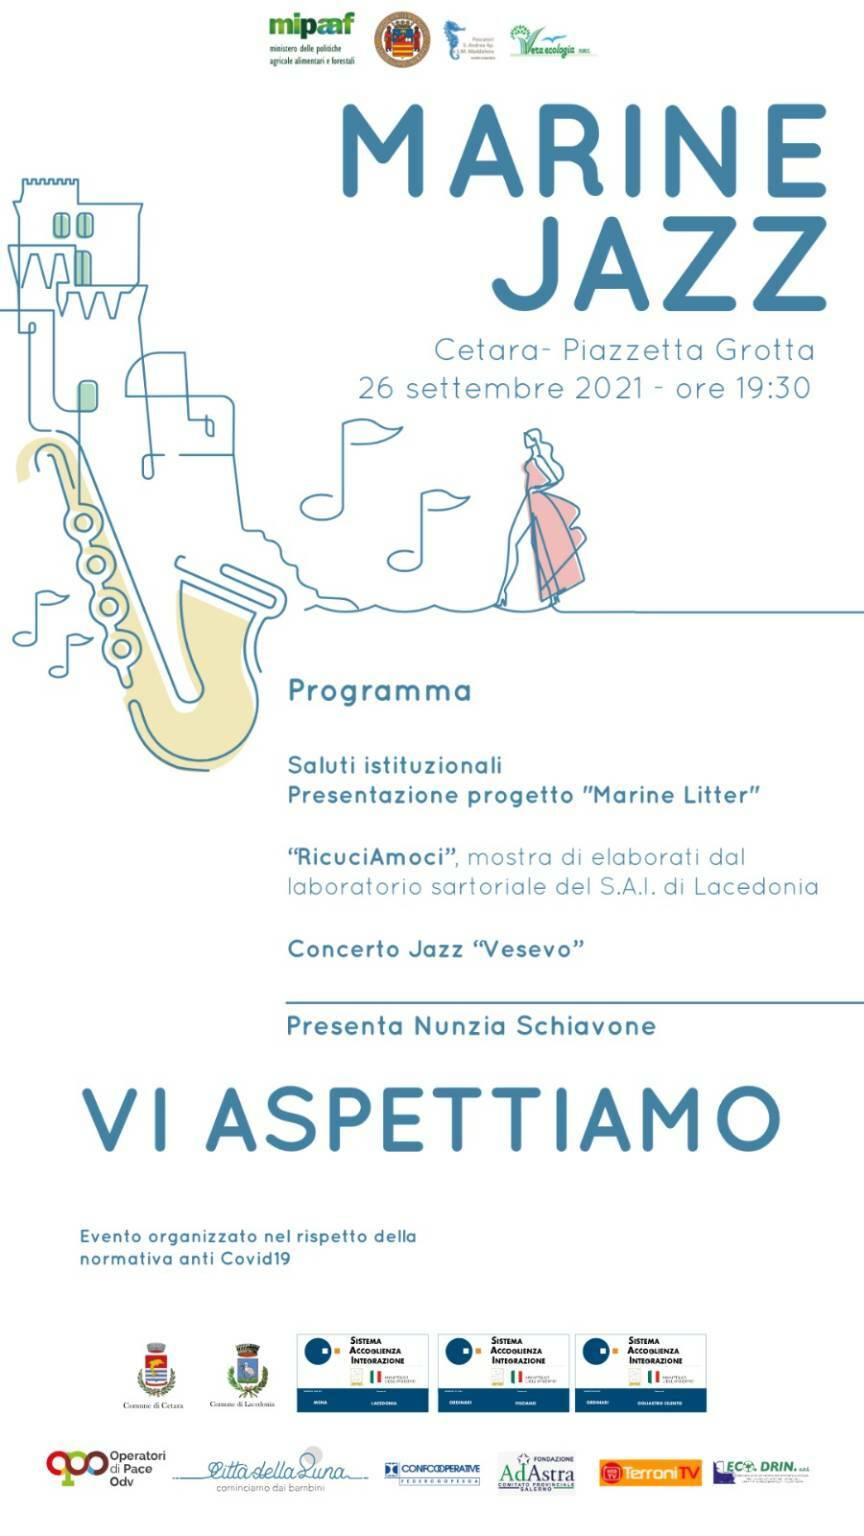 """Cetara: in piazzetta Grotta, domenica 26 settembre a partire dalle 19.30 """"Marine Jazz"""""""